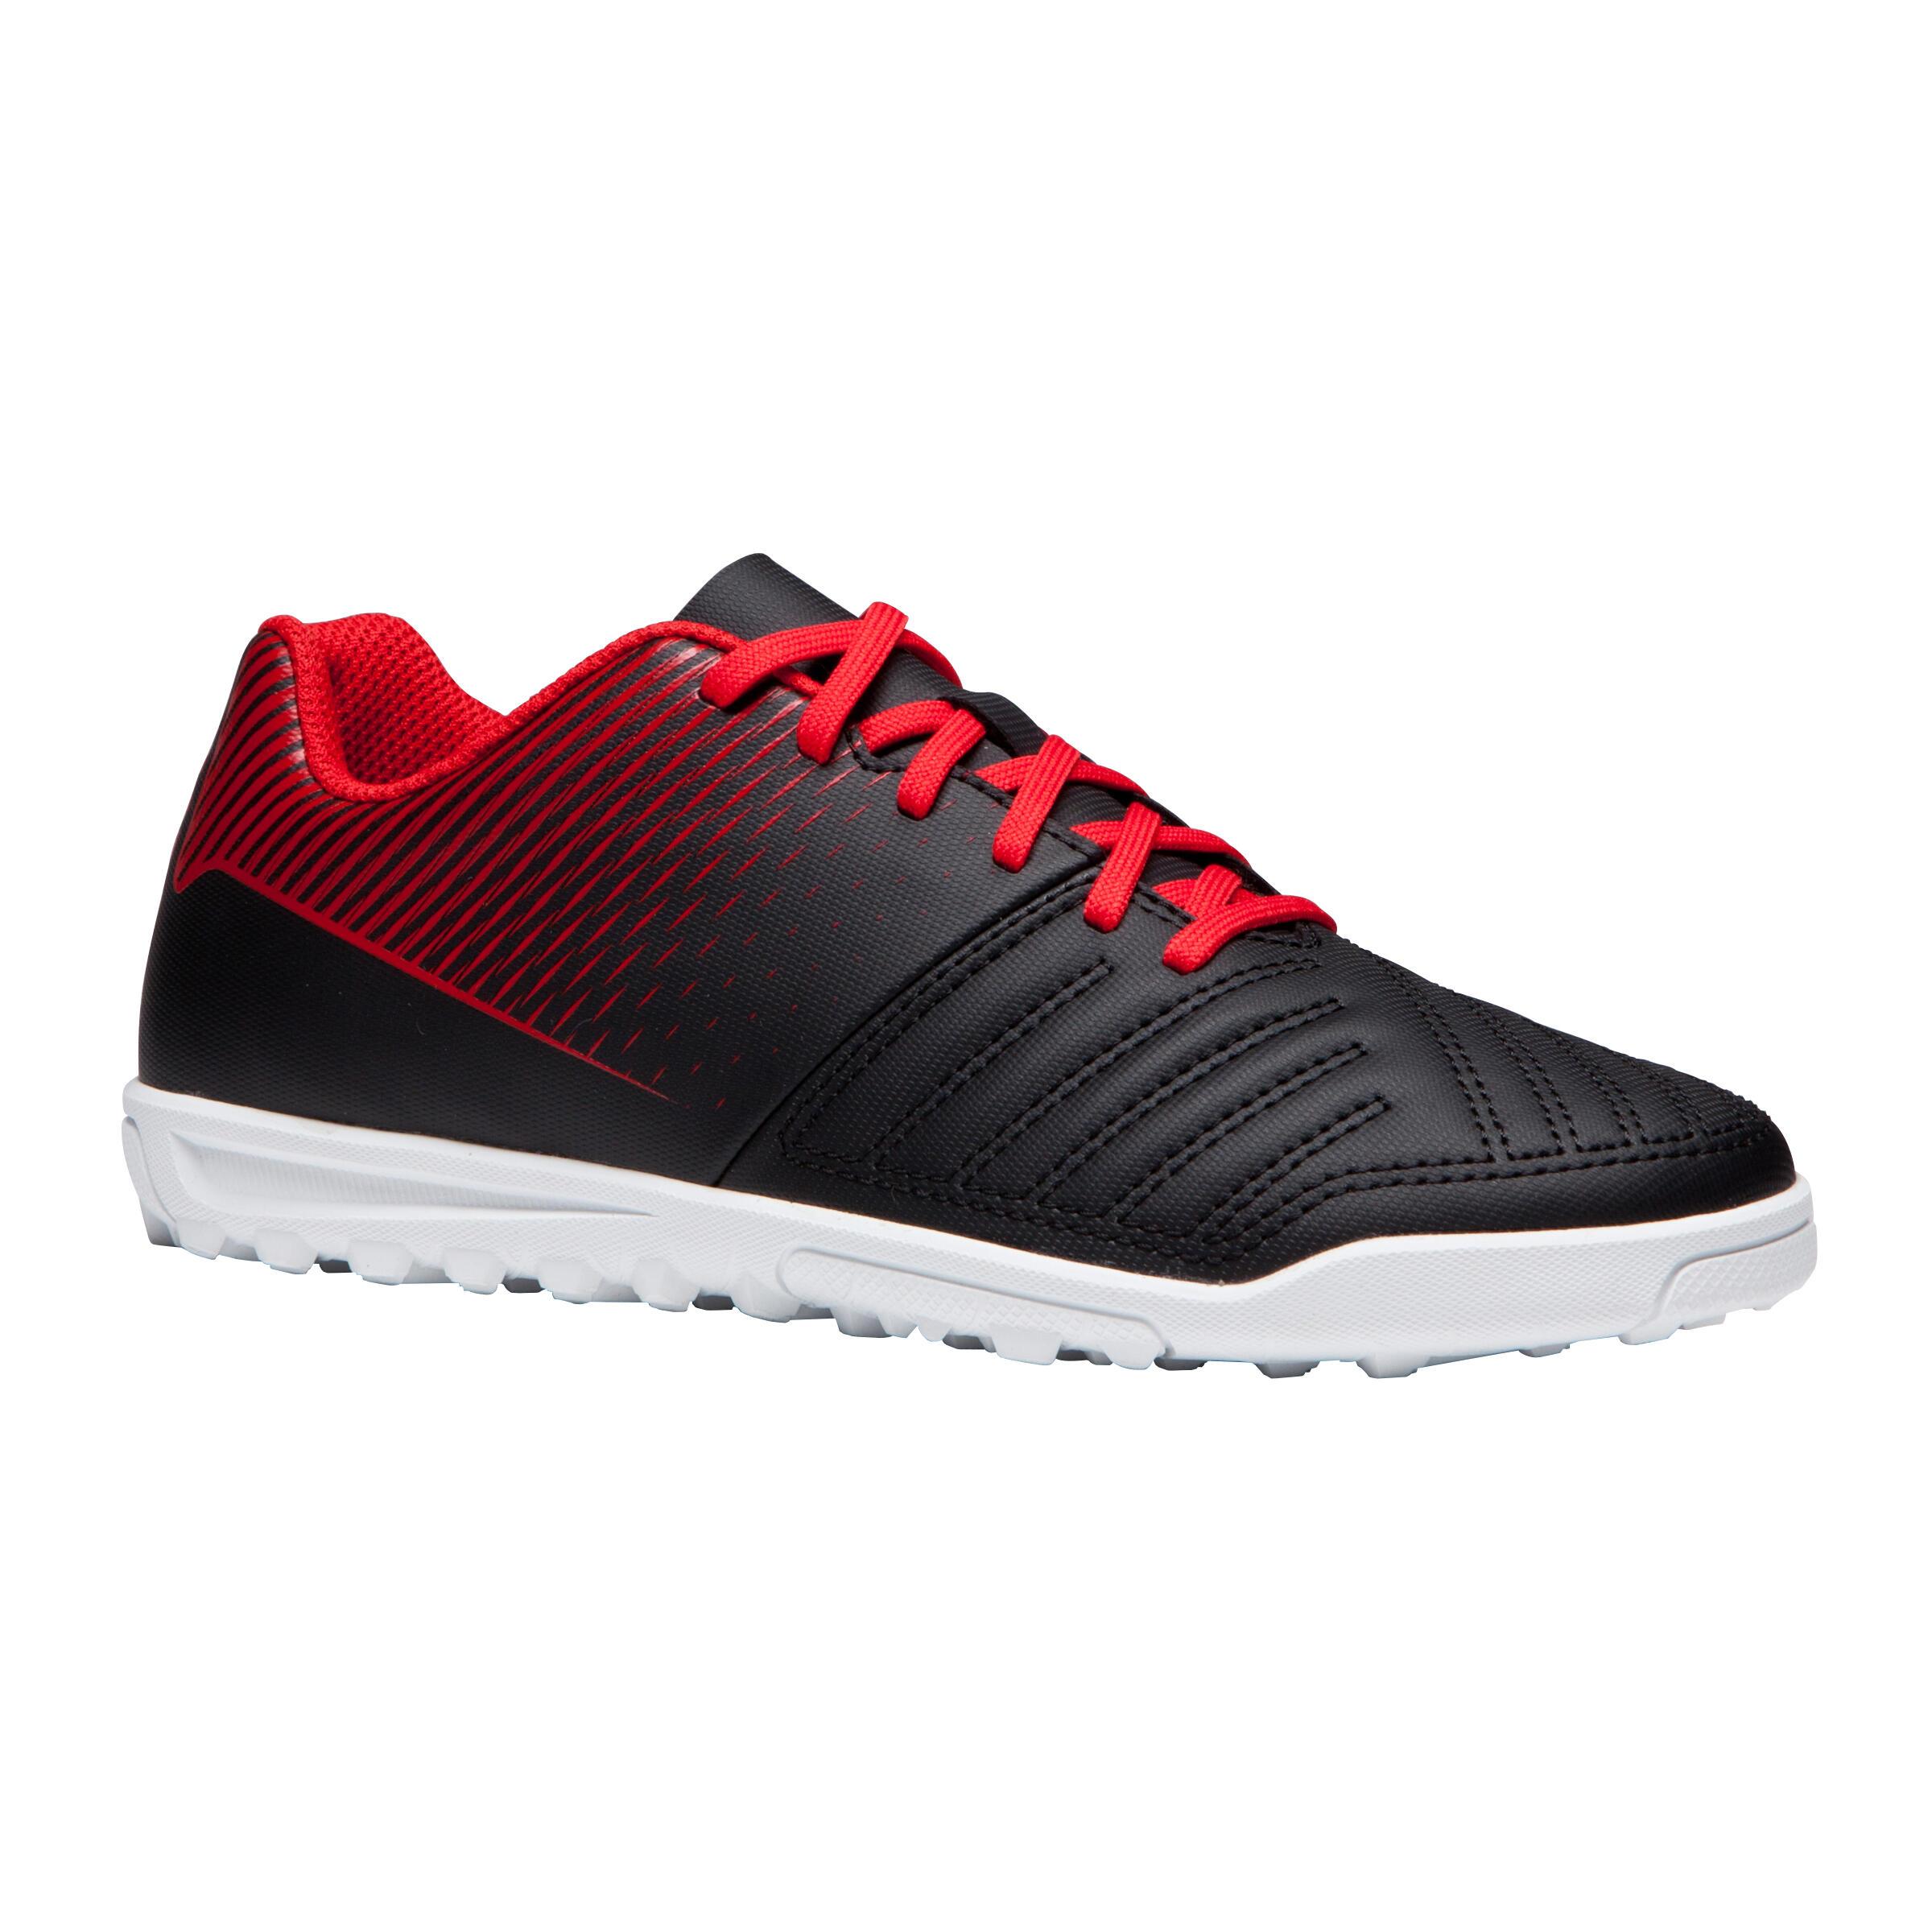 Chaussure de soccer enfant terrains durs Agilité 100 HG Noire blanche rouge